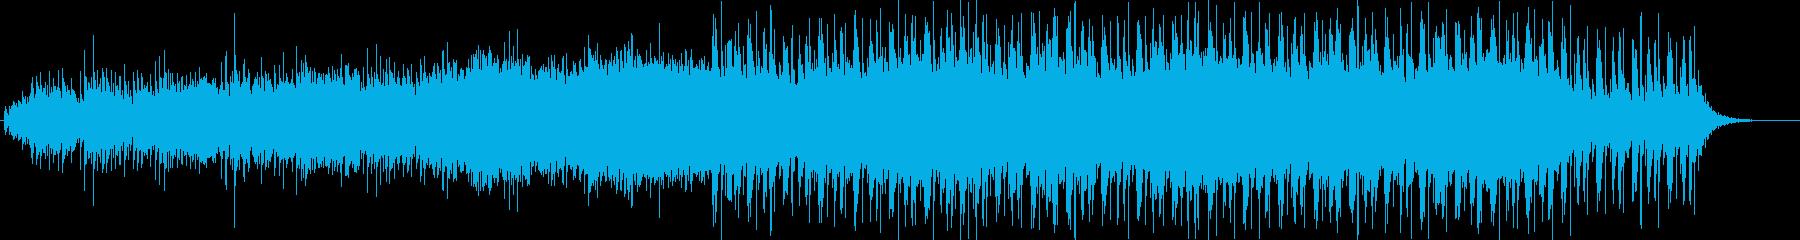 琴、篠笛による幻想的な和風ファンタジーの再生済みの波形